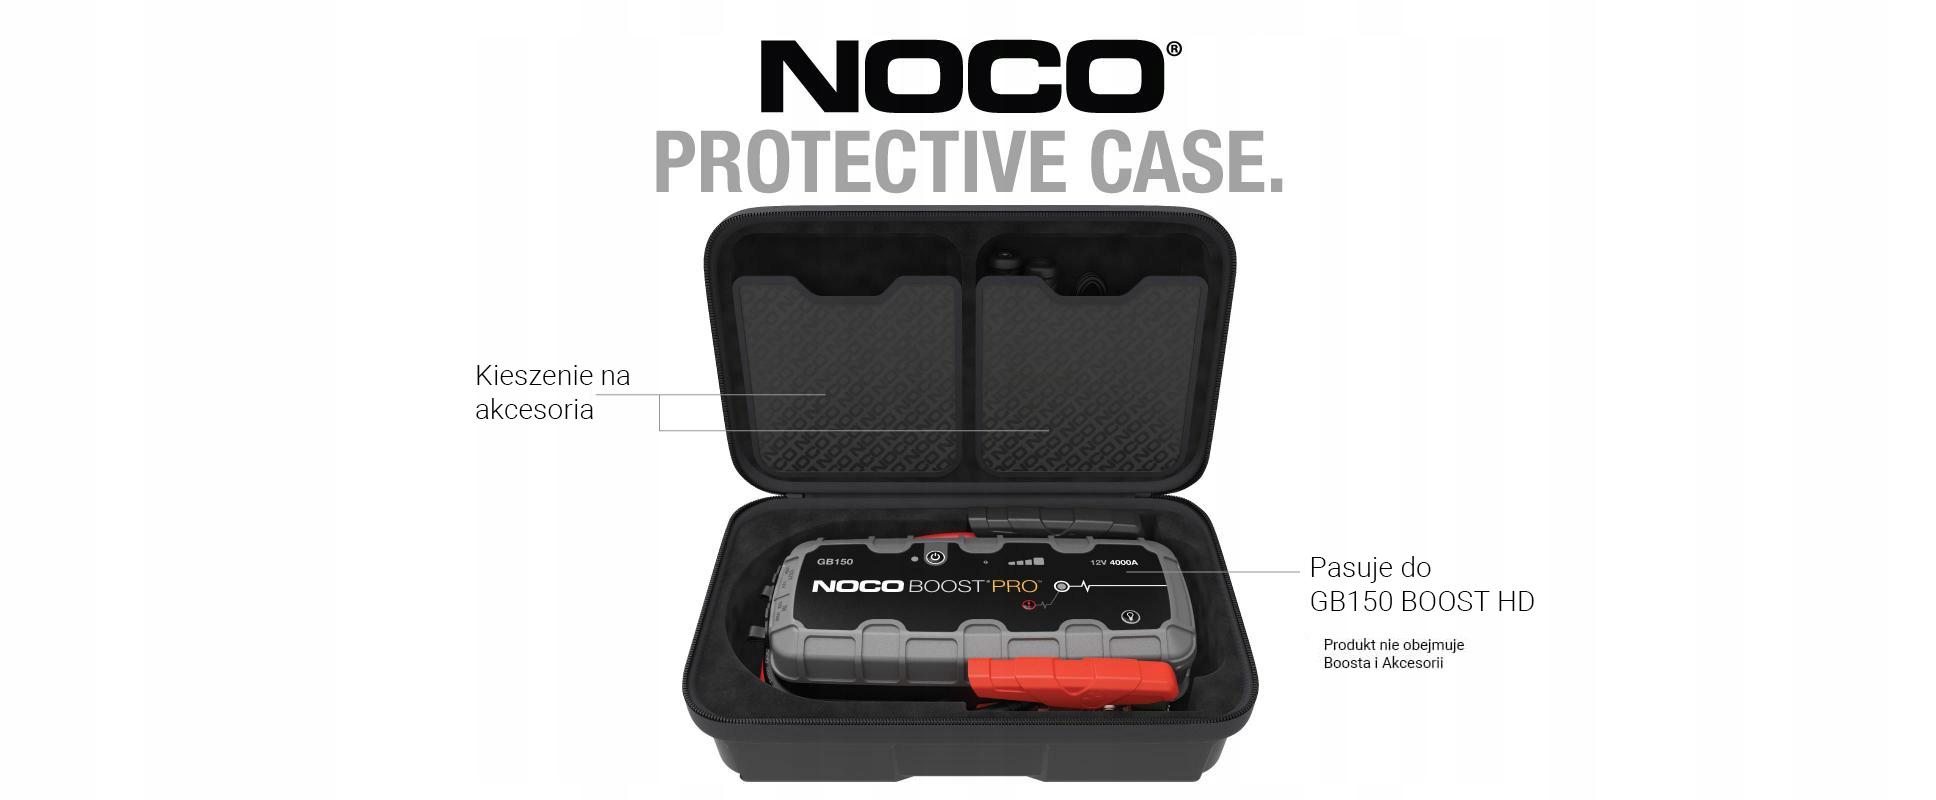 Купить NOCO GBC015 Boost Pro EVA Etui Ochronne GB150 Case на Otpravka - цены и фото - доставка из Польши и стран Европы в Украину.